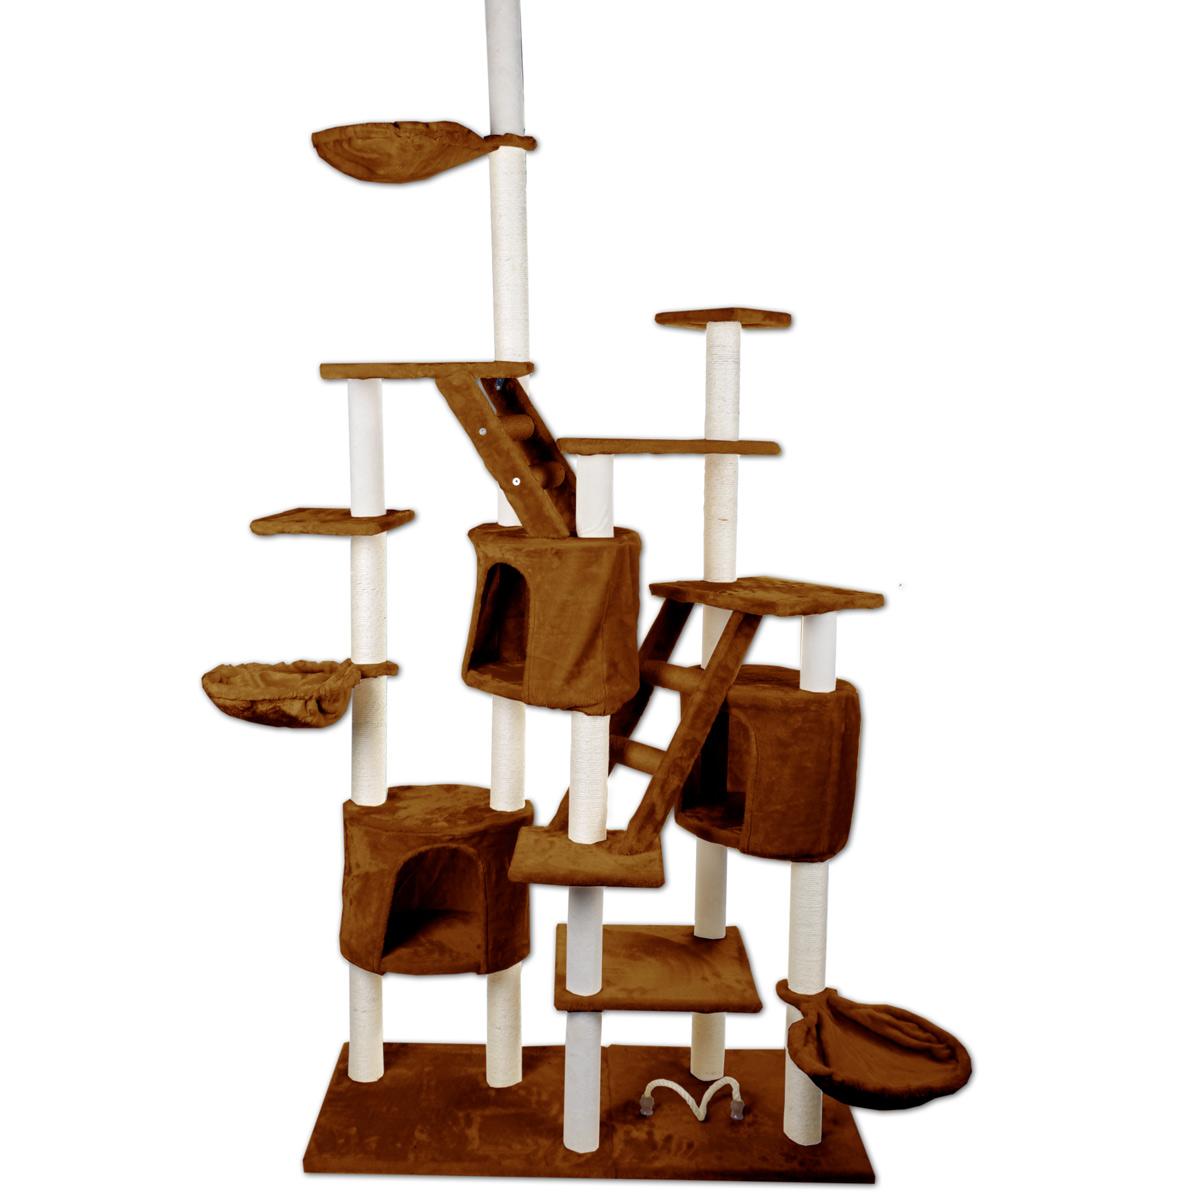 kratzbaum katzenkratzbaum kletterbaum f r katzen katzenbaum sisal spielbaum ebay. Black Bedroom Furniture Sets. Home Design Ideas